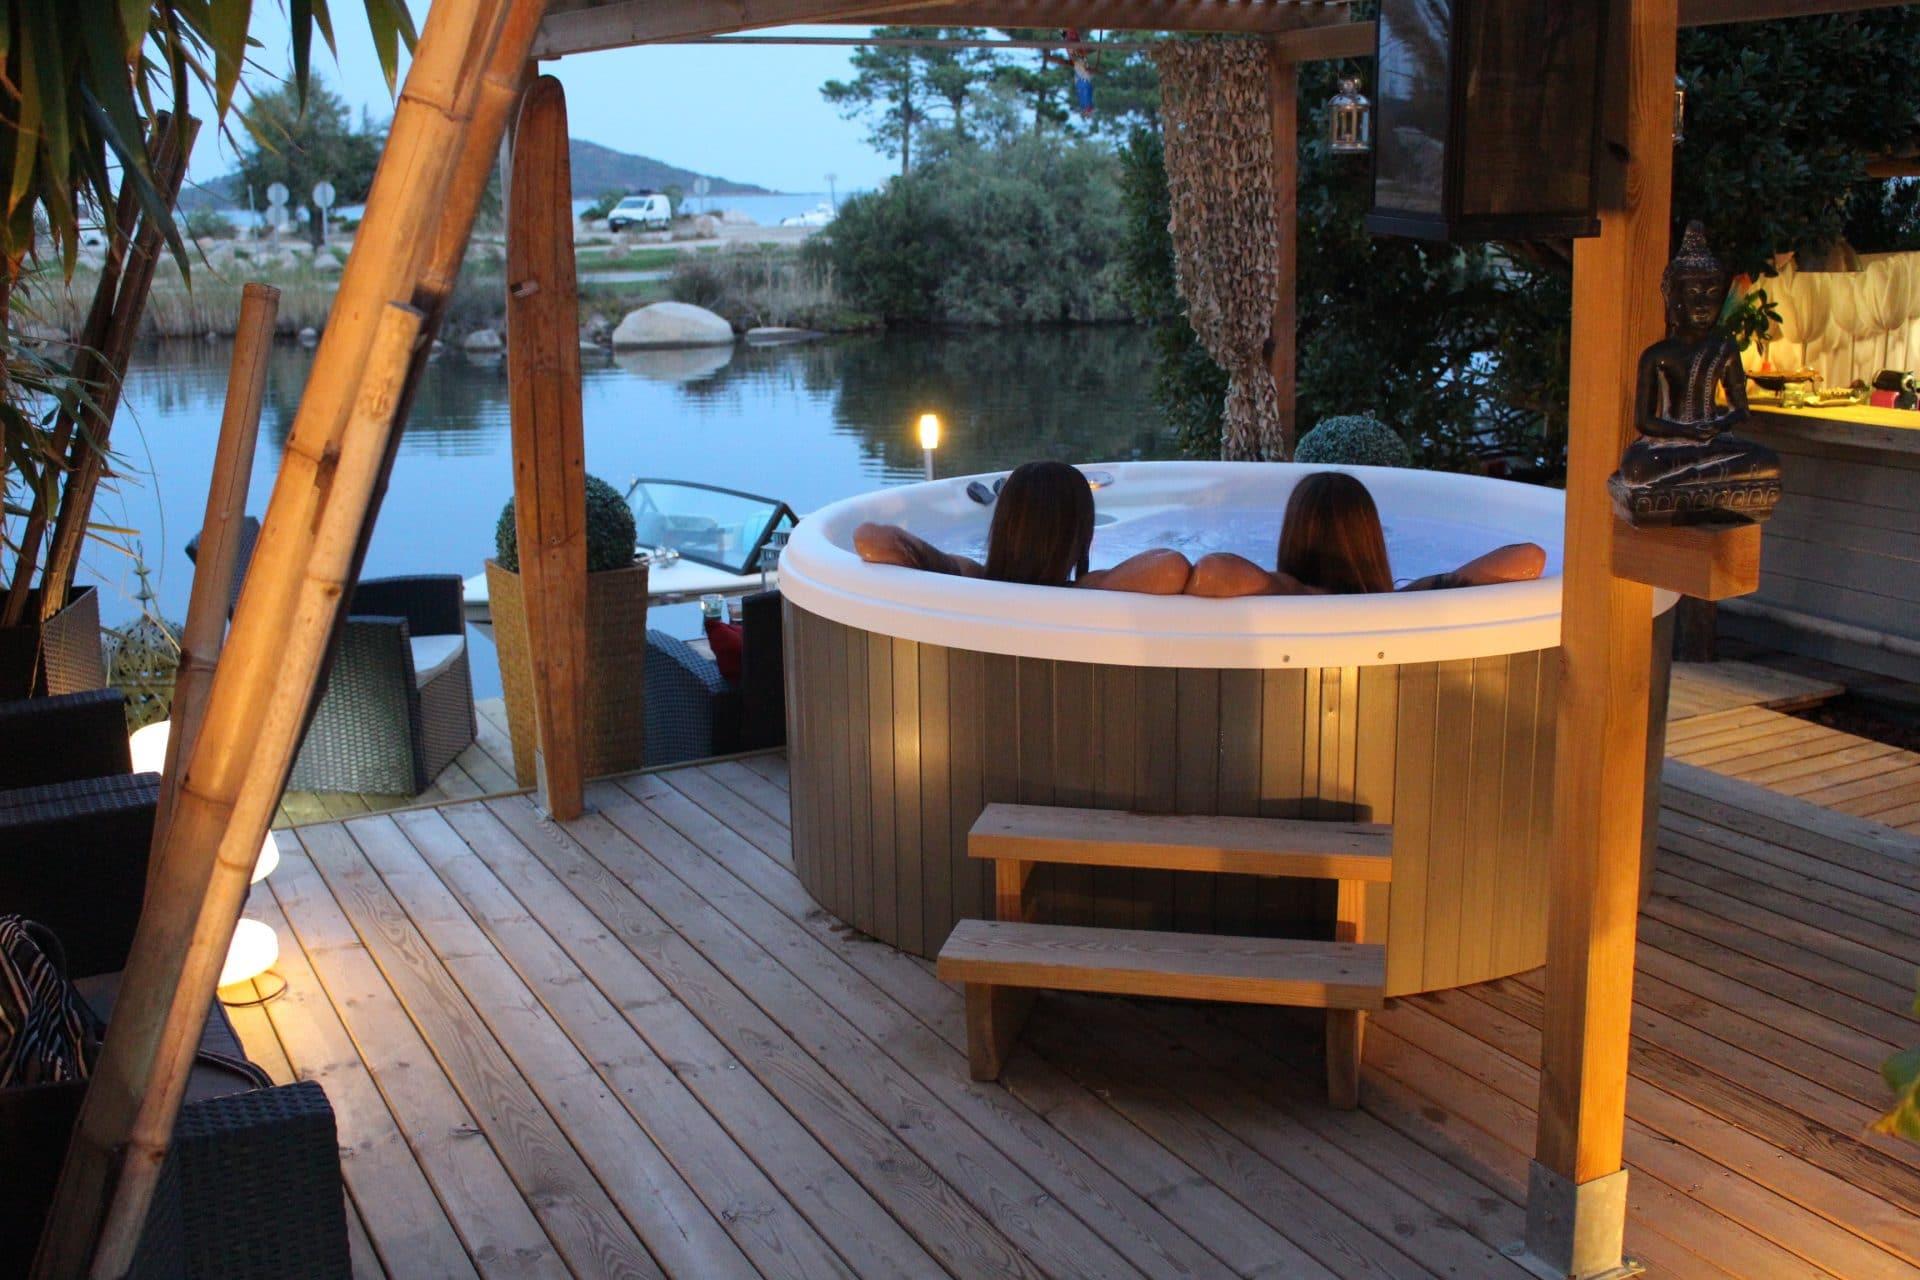 fabricant de spa jacuzzi et spa de nage ext rieur spas. Black Bedroom Furniture Sets. Home Design Ideas